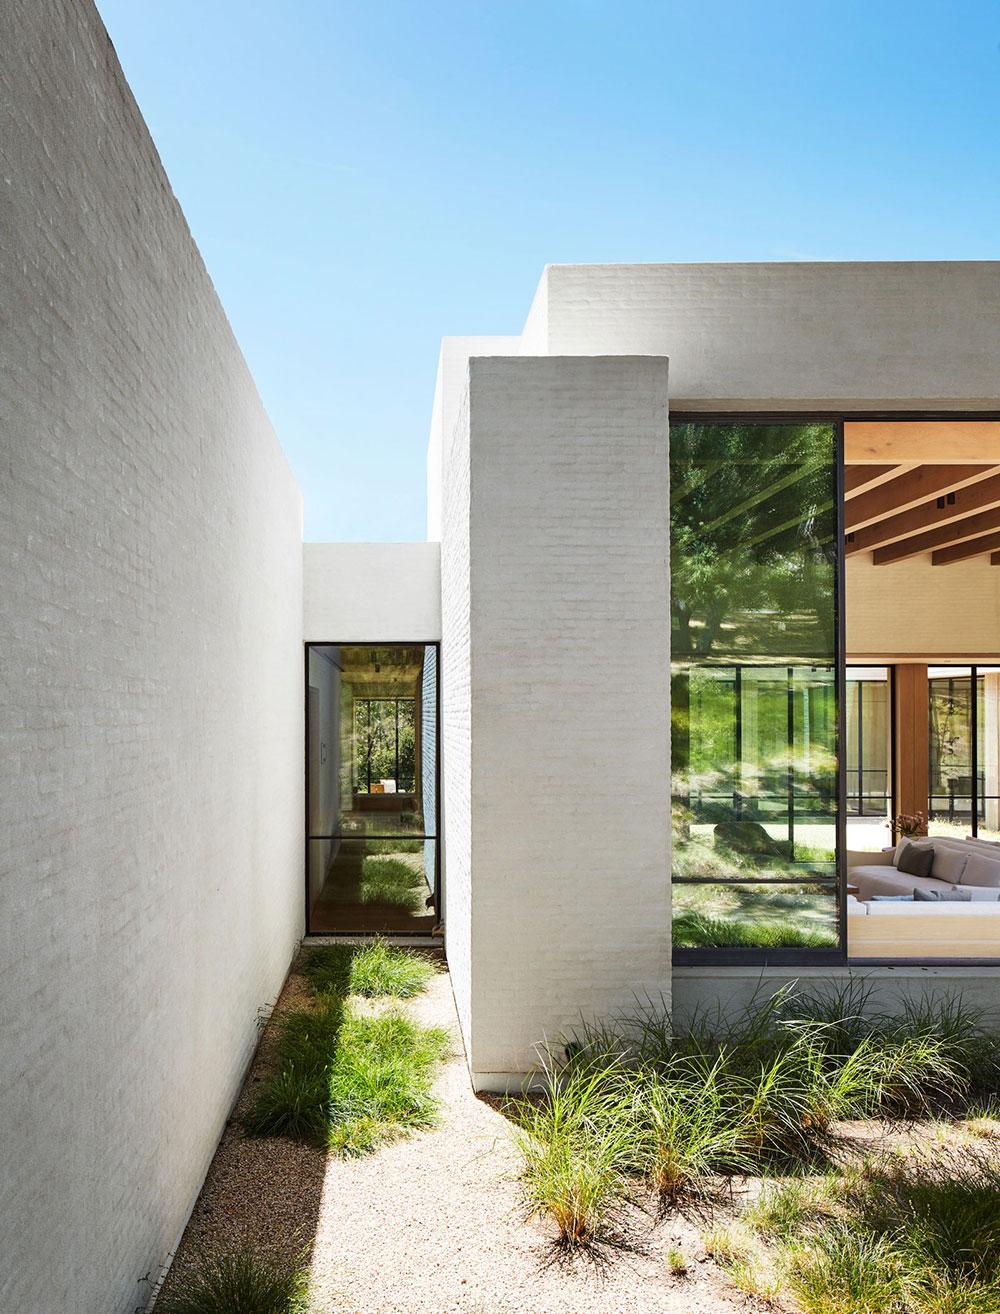 Стильный интерьер и собственная мини-ферма: дом для большой семьи в Лос-Анджелесе